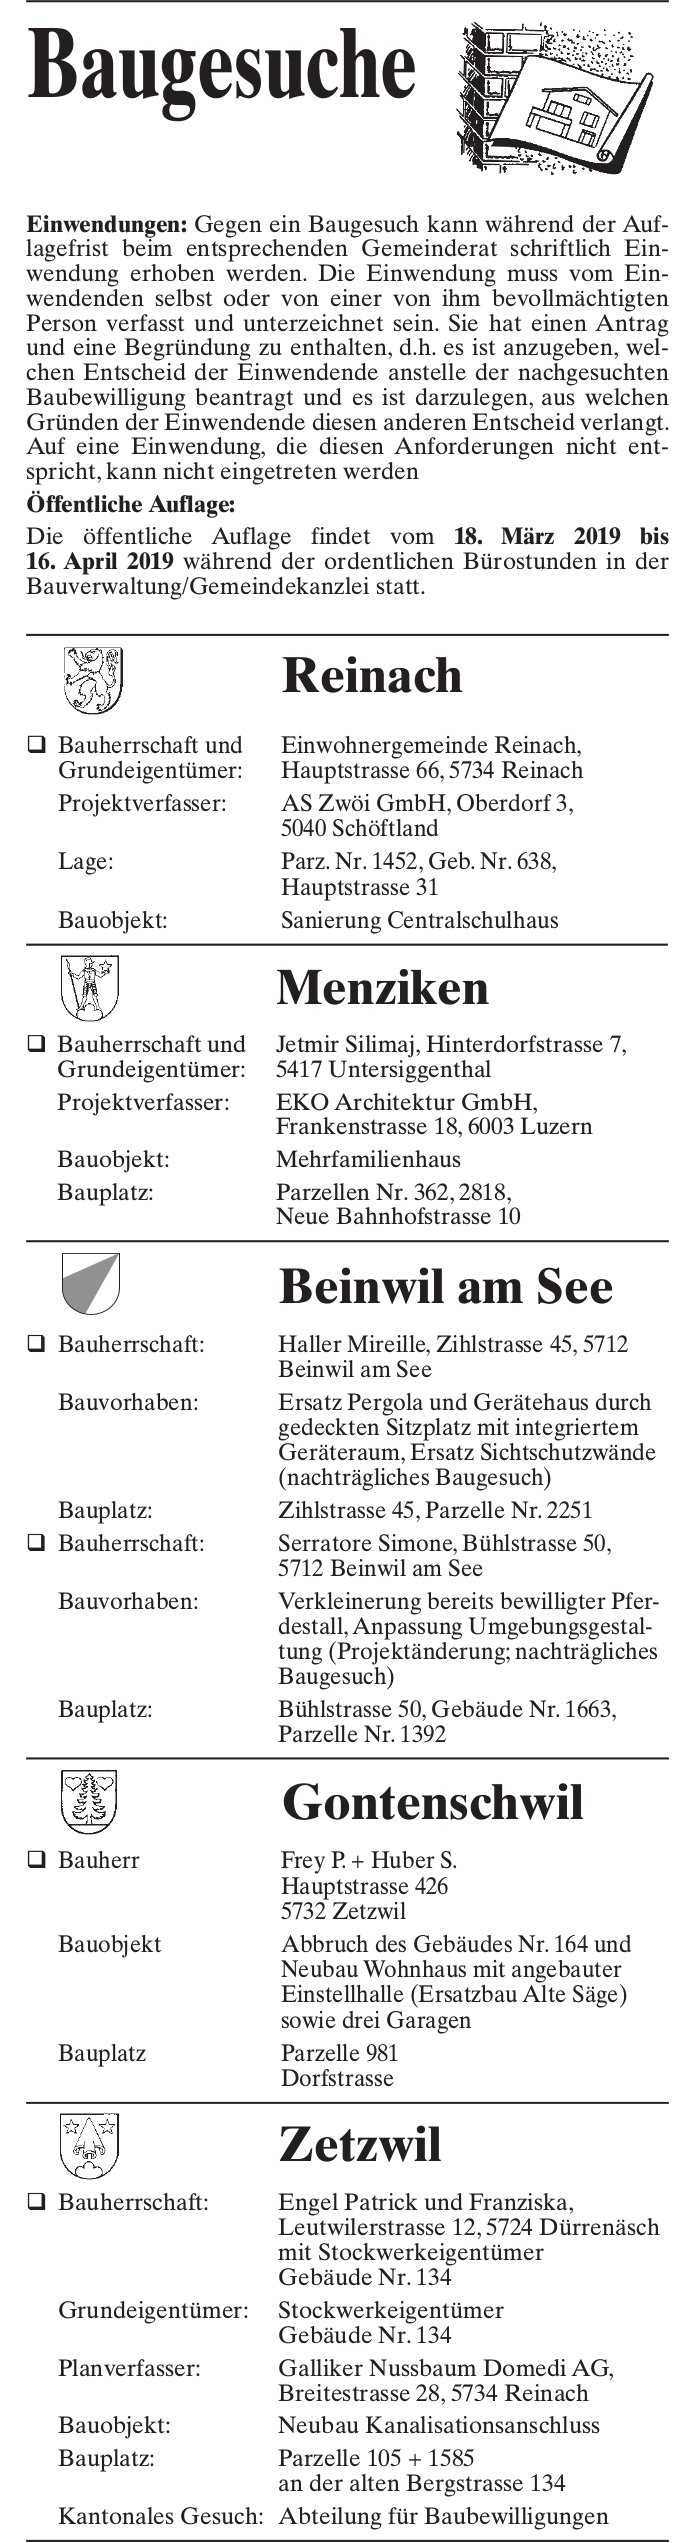 Baugesuche Reinach, Menziken, Beinwil am See, Gontenschwil & Zetzwil